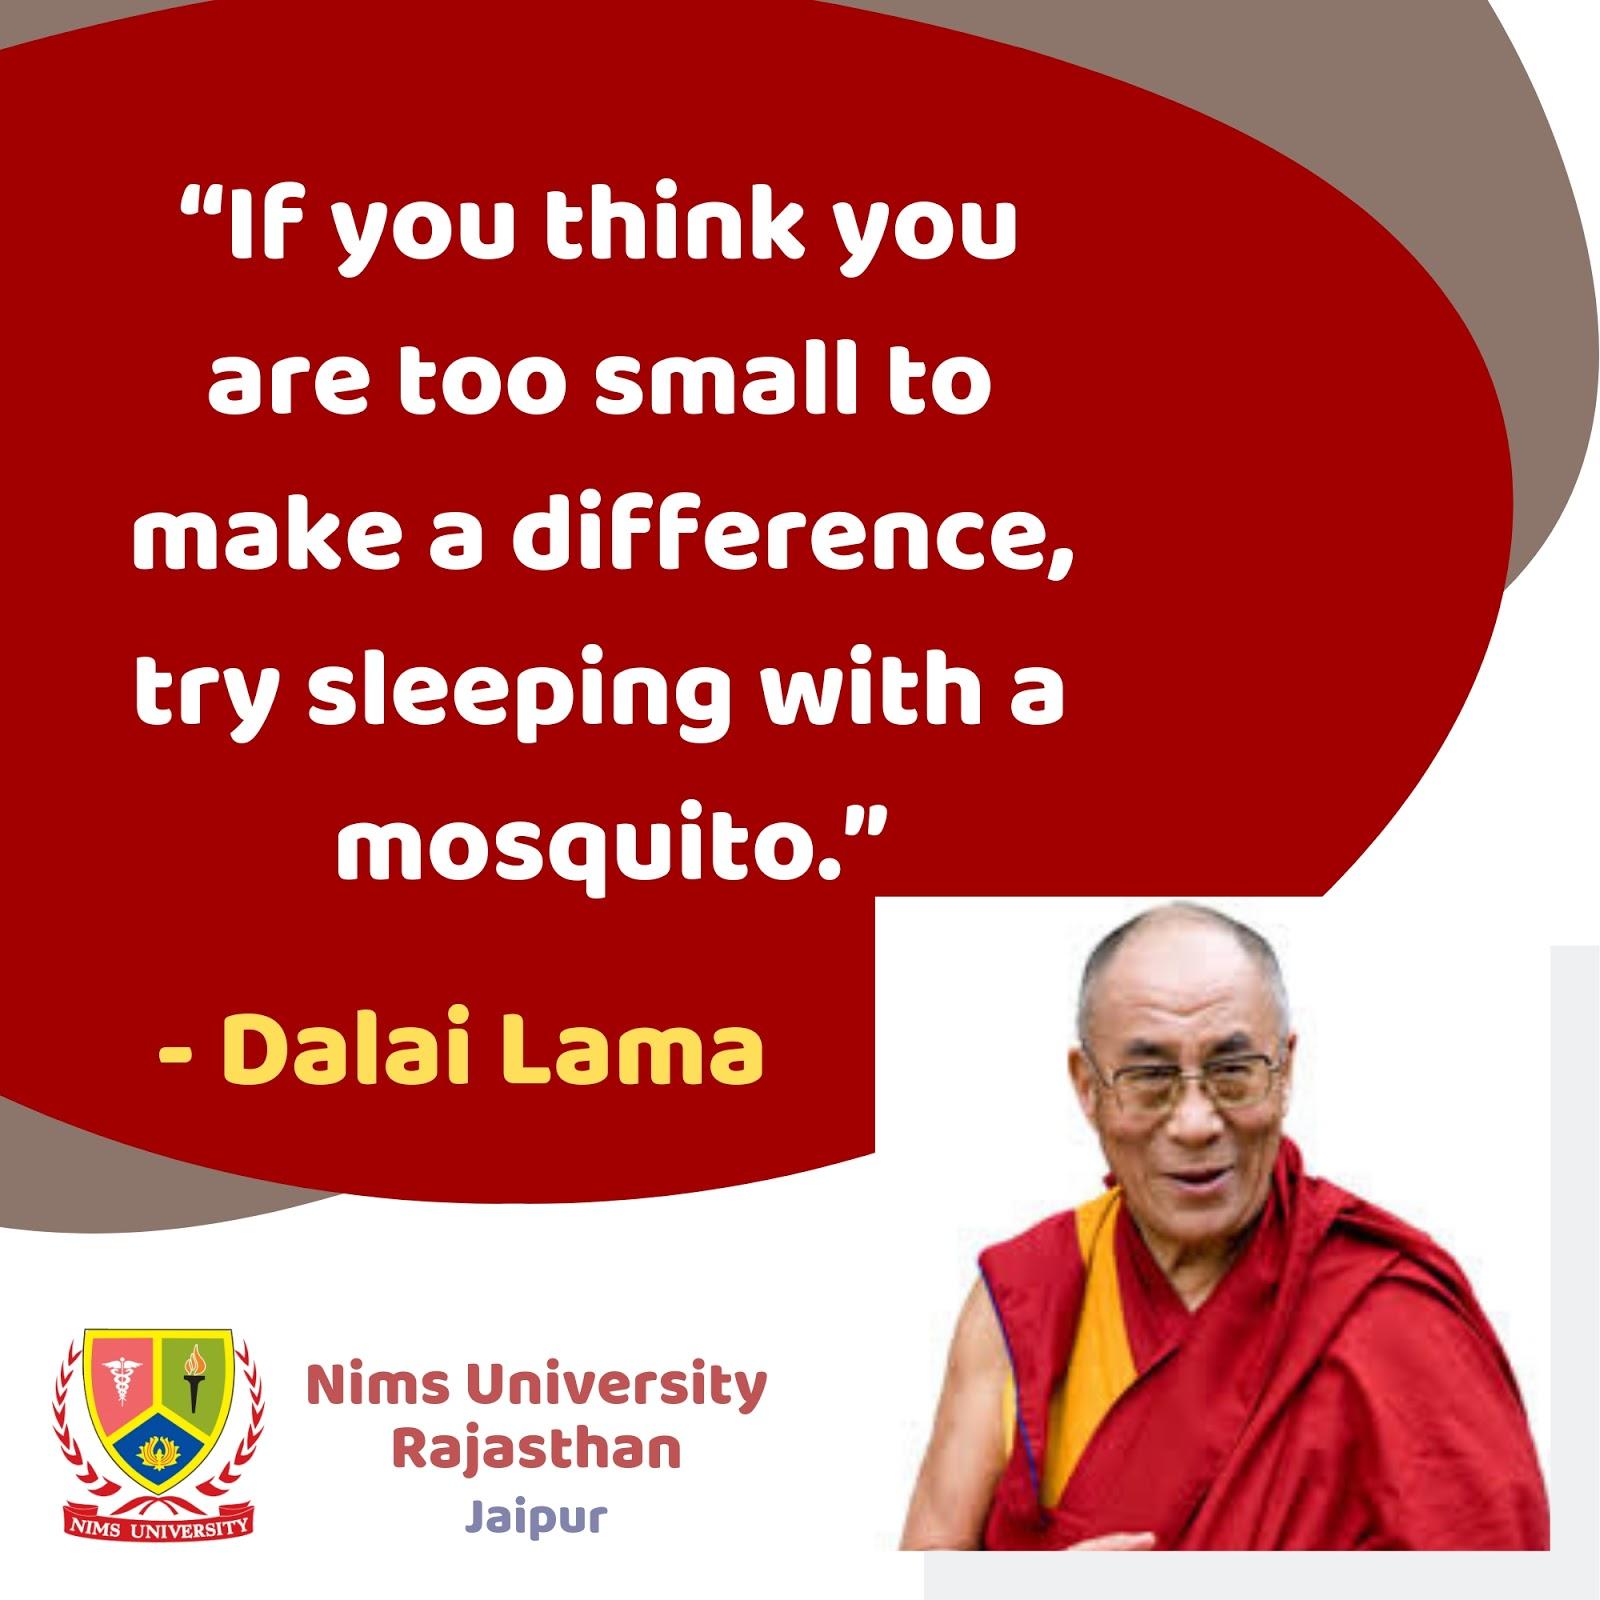 Dalai Lama Quotes If You Think